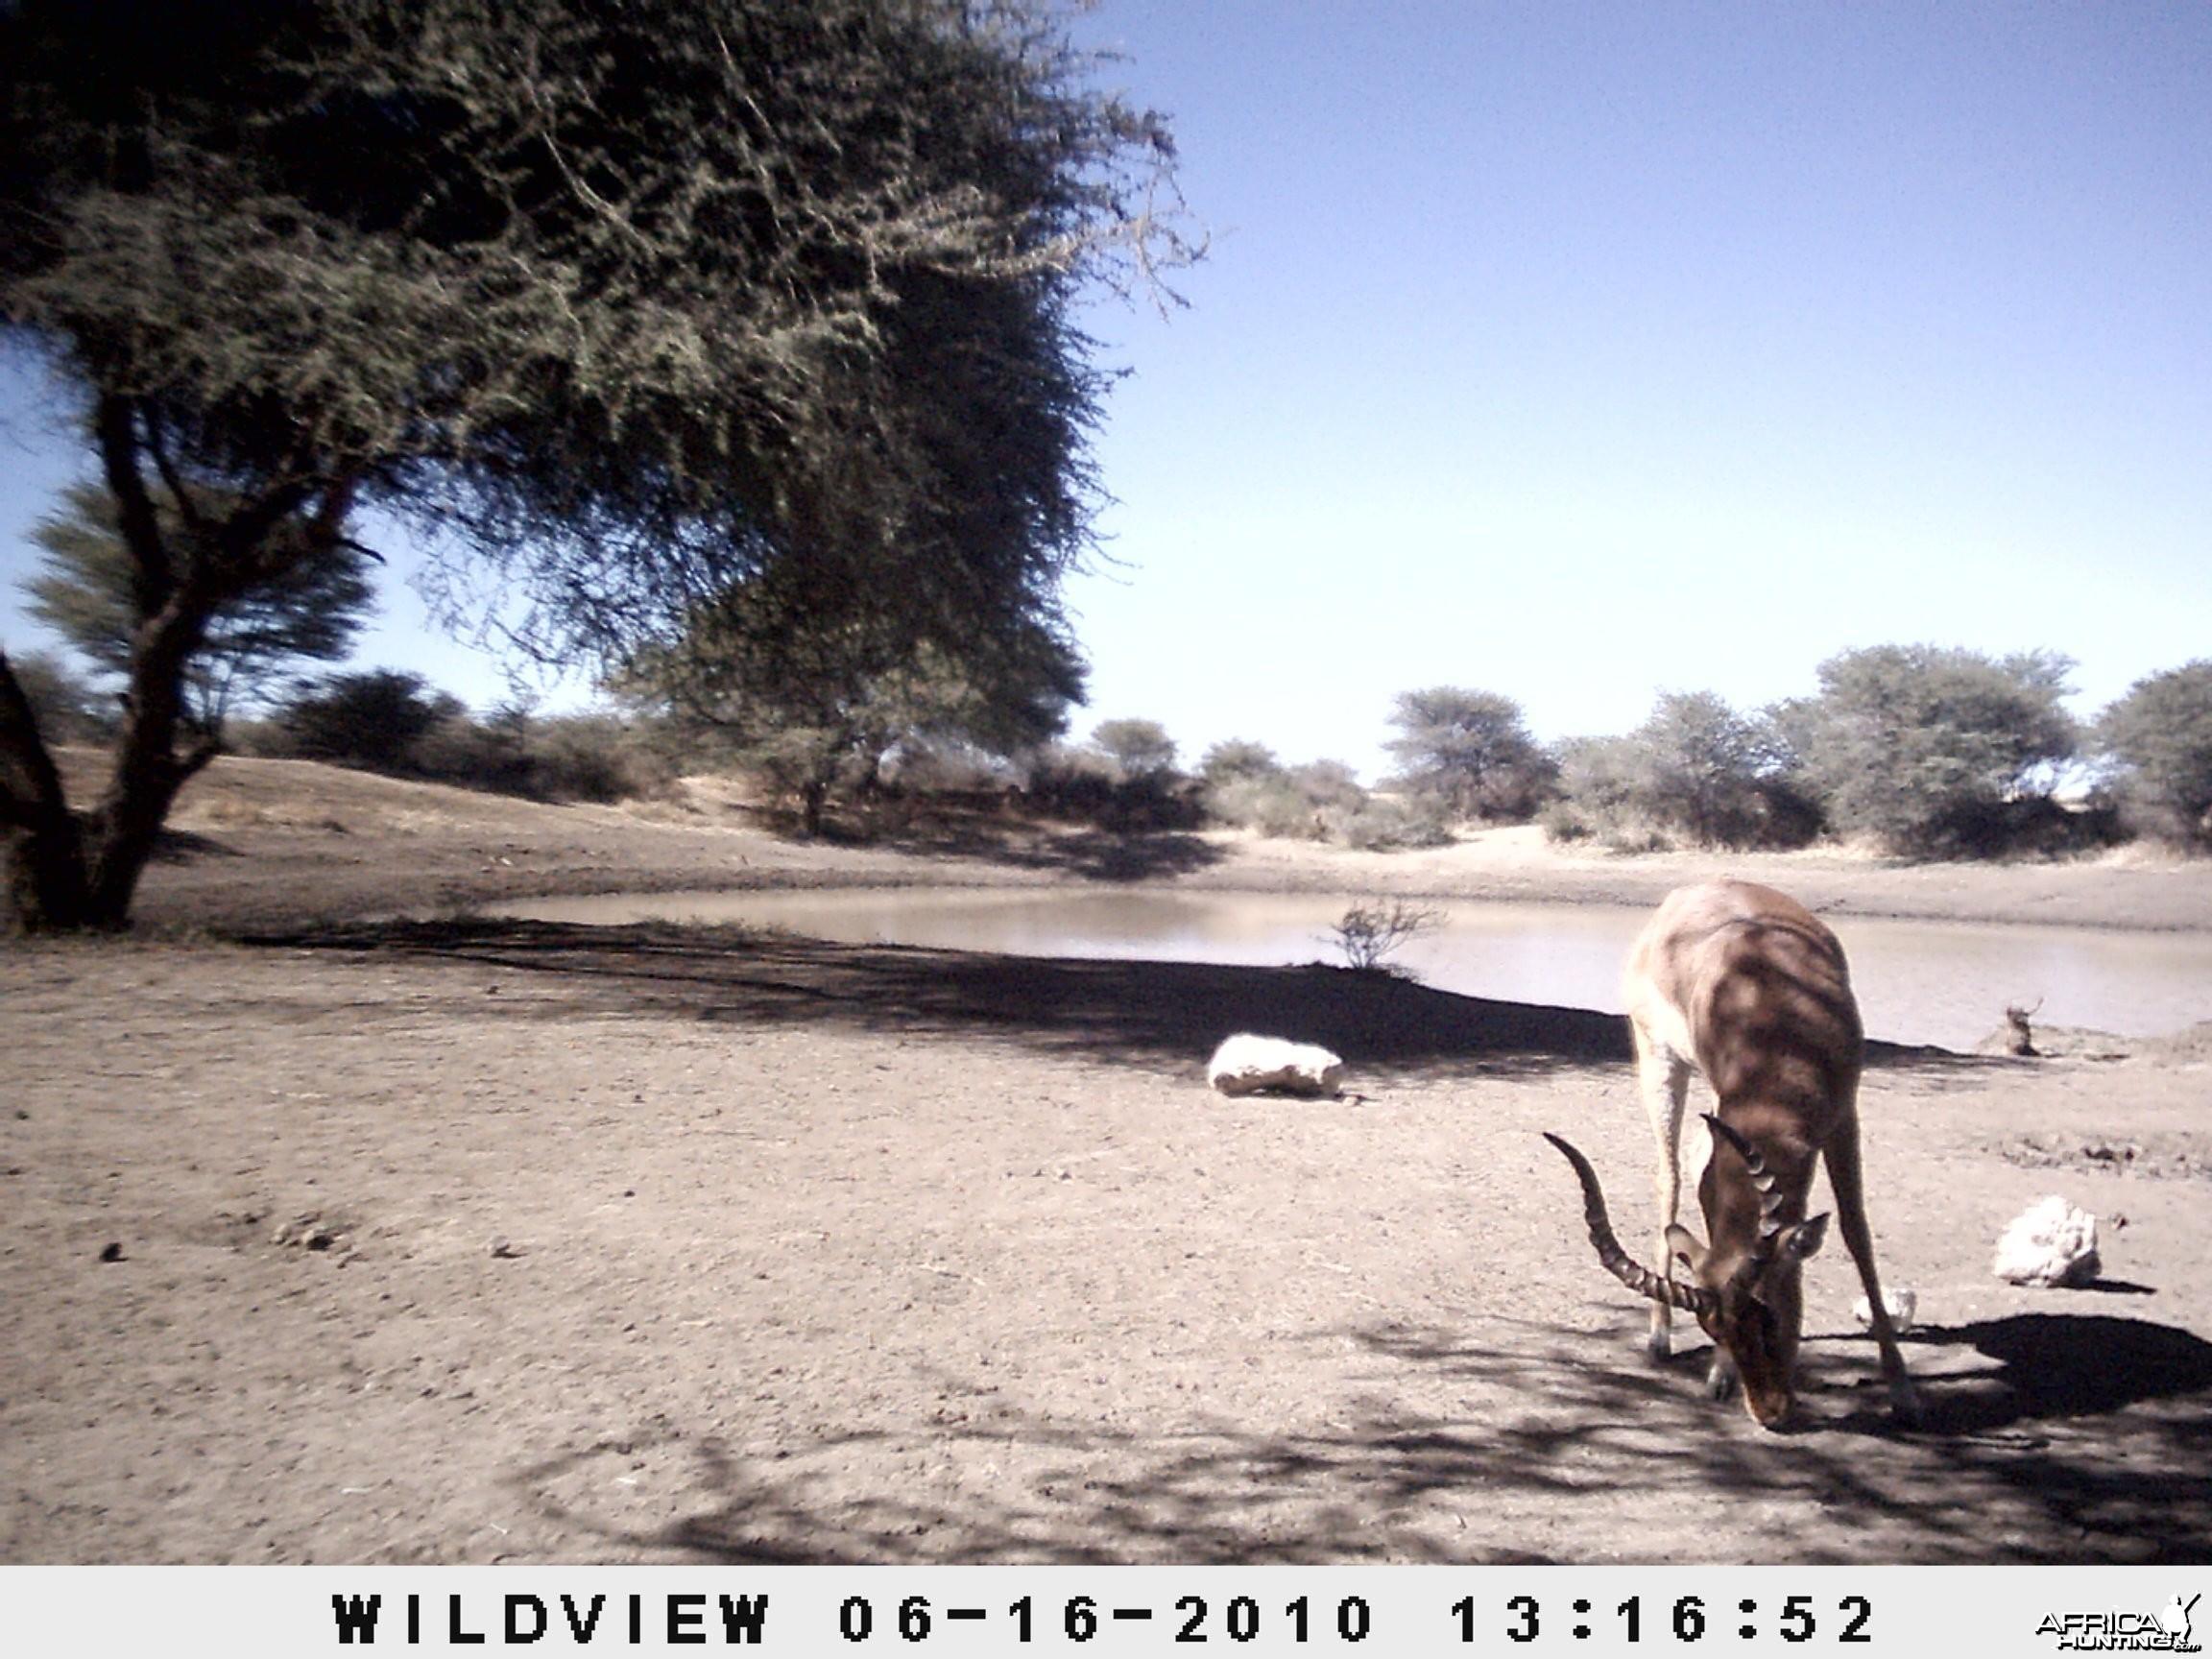 Impala, Namibia